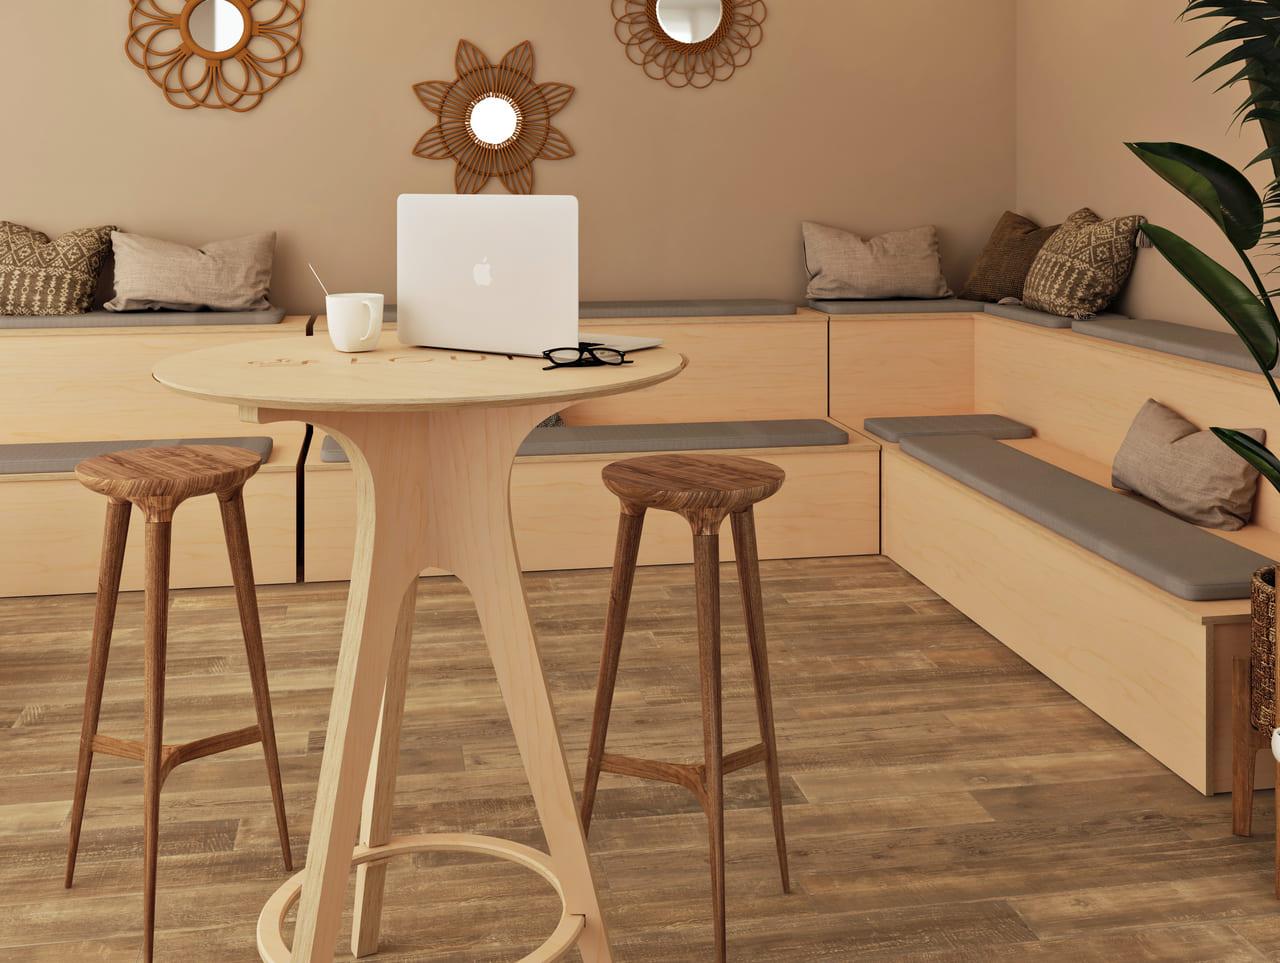 table de cafétéria pour réaliser une pause déjeuner rapide dans une salle végétale et boisée à l'ambiance et style bohème et ethnique